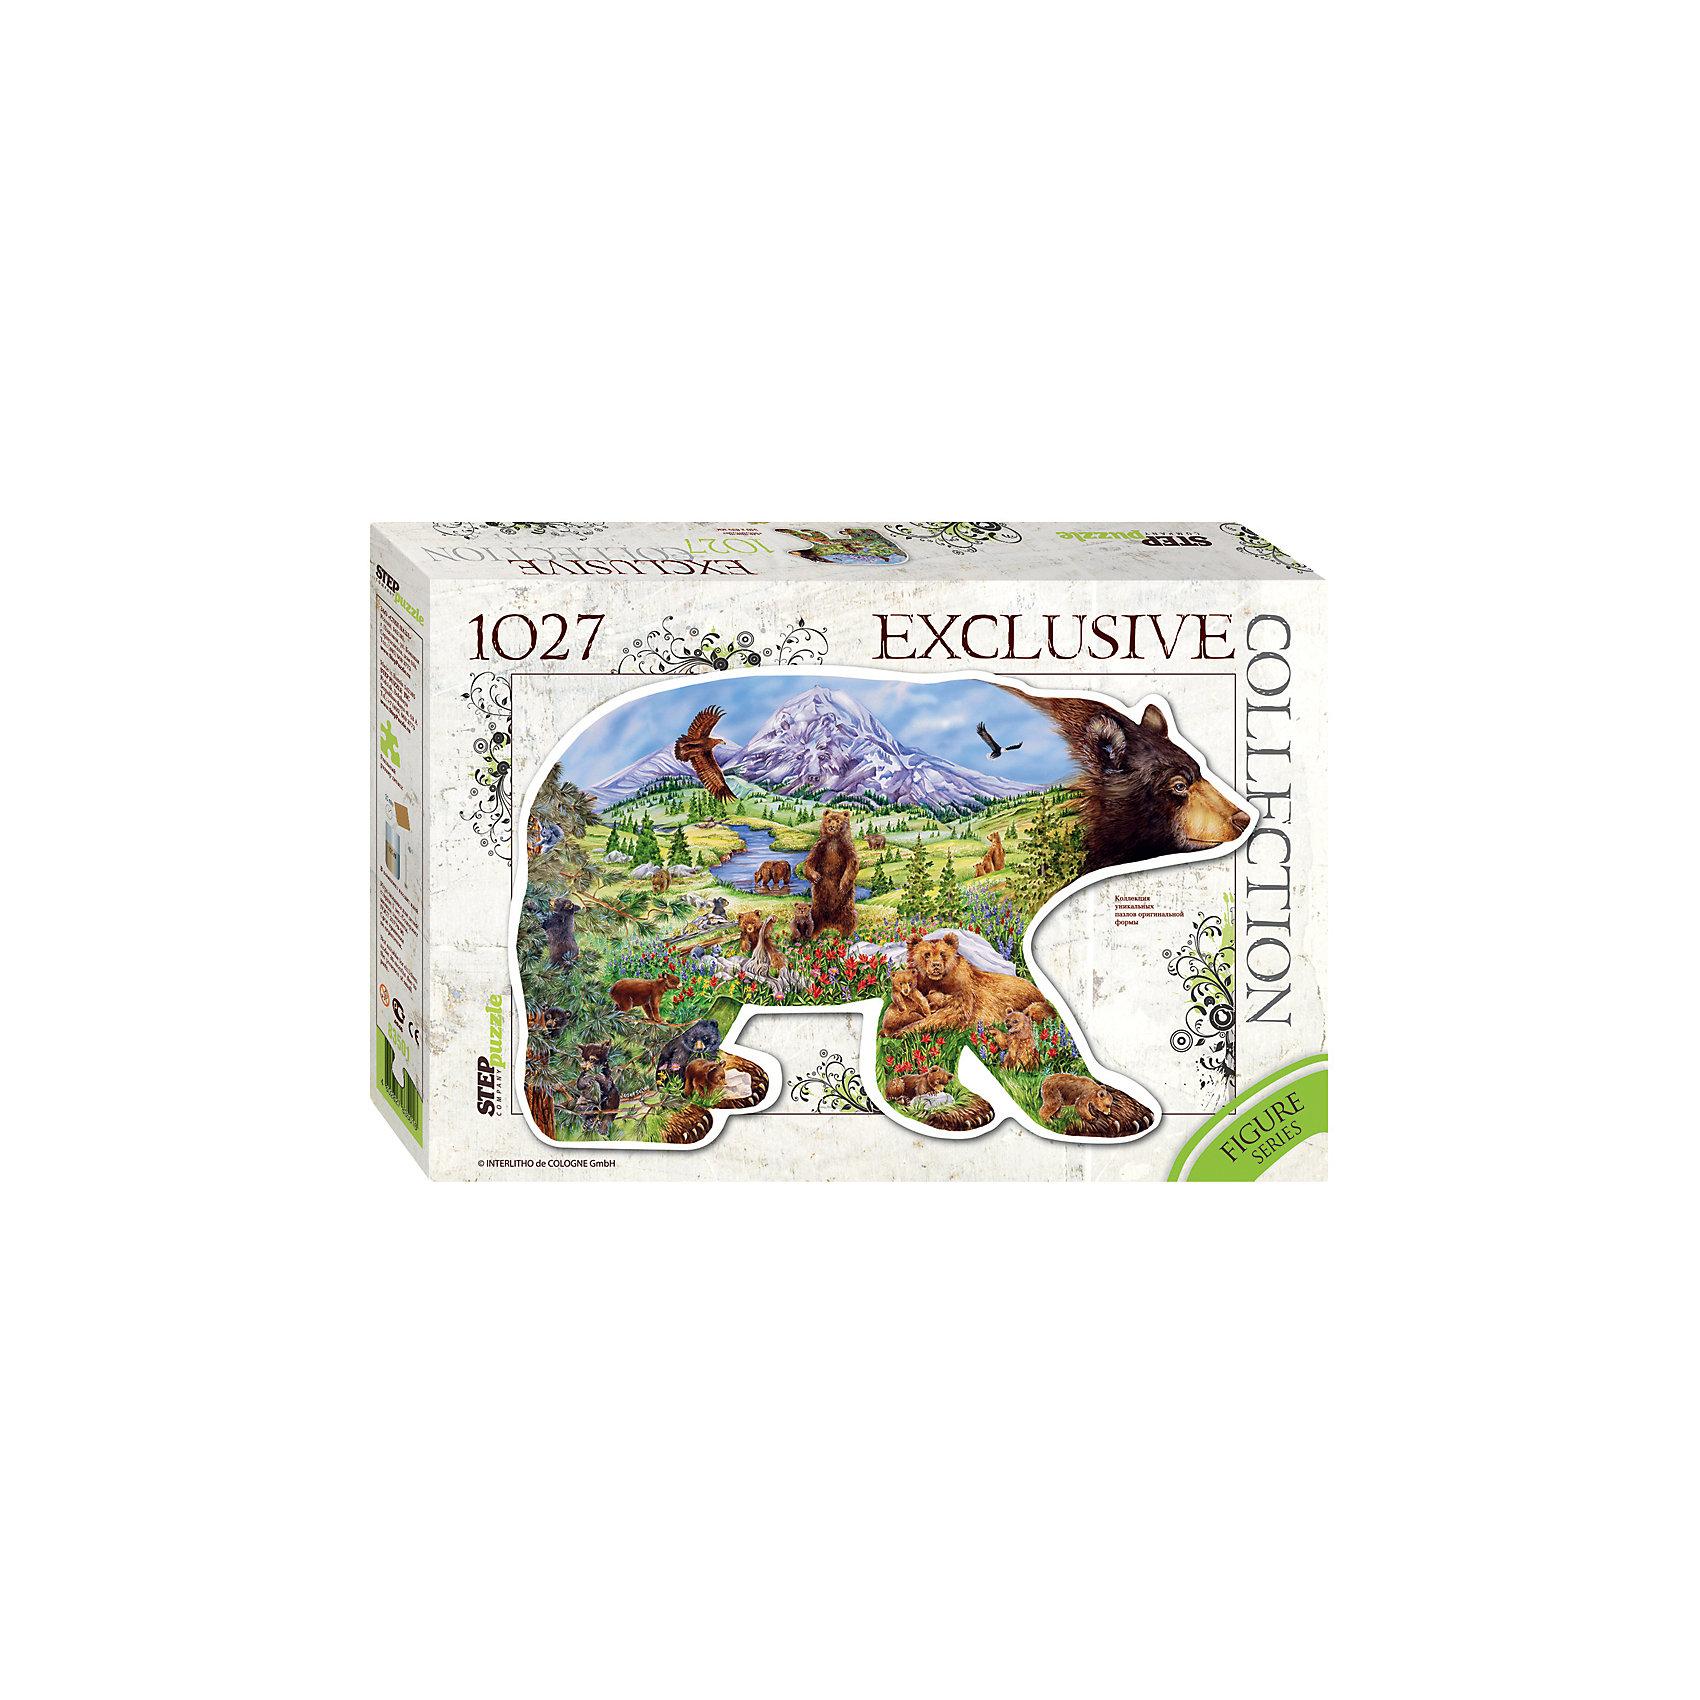 Пазл Медведь, 1027 деталей, Step PuzzleПазлы для детей постарше<br>Пазл Медведь, 1027 деталей, Step Puzzle (Степ Пазл) – это красочный пазл в форме медведя.<br>Давным-давно этого лесного зверя почитали и боялись. Его обожествляли, его считали хозяином лесов и конкурентом охотников. Даже имя его не произносил вслух. Собрав этот пазл, вы получите уникальное фигурное изображение хозяина лесов – Медведя. Фигурный пазл – это оригинальный дизайн, улучшенное качество, высокая точность в подгонке деталей. В комплект с пазлом входит специальный клей. Занятия с пазлом поспособствуют развитию множества полезных навыков, таких как мелкая моторика рук, пространственное мышление, память и наблюдательность.<br><br>Дополнительная информация:<br><br>- В комплекте: детали пазла, клей<br>- Количество деталей: 1027<br>- Материал: картон<br>- Размер собранной картины: 540х835 мм.<br>- Отличная проклейка<br>- Детали идеально подходят друг другу<br>- Упаковка: картонная коробка<br>- Размер упаковки: 400x55x270 мм.<br>- Вес: 600 гр.<br><br>Пазл Медведь, 1027 деталей, Step Puzzle (Степ Пазл) можно купить в нашем интернет-магазине.<br><br>Ширина мм: 400<br>Глубина мм: 55<br>Высота мм: 270<br>Вес г: 600<br>Возраст от месяцев: 84<br>Возраст до месяцев: 192<br>Пол: Унисекс<br>Возраст: Детский<br>SKU: 4588311